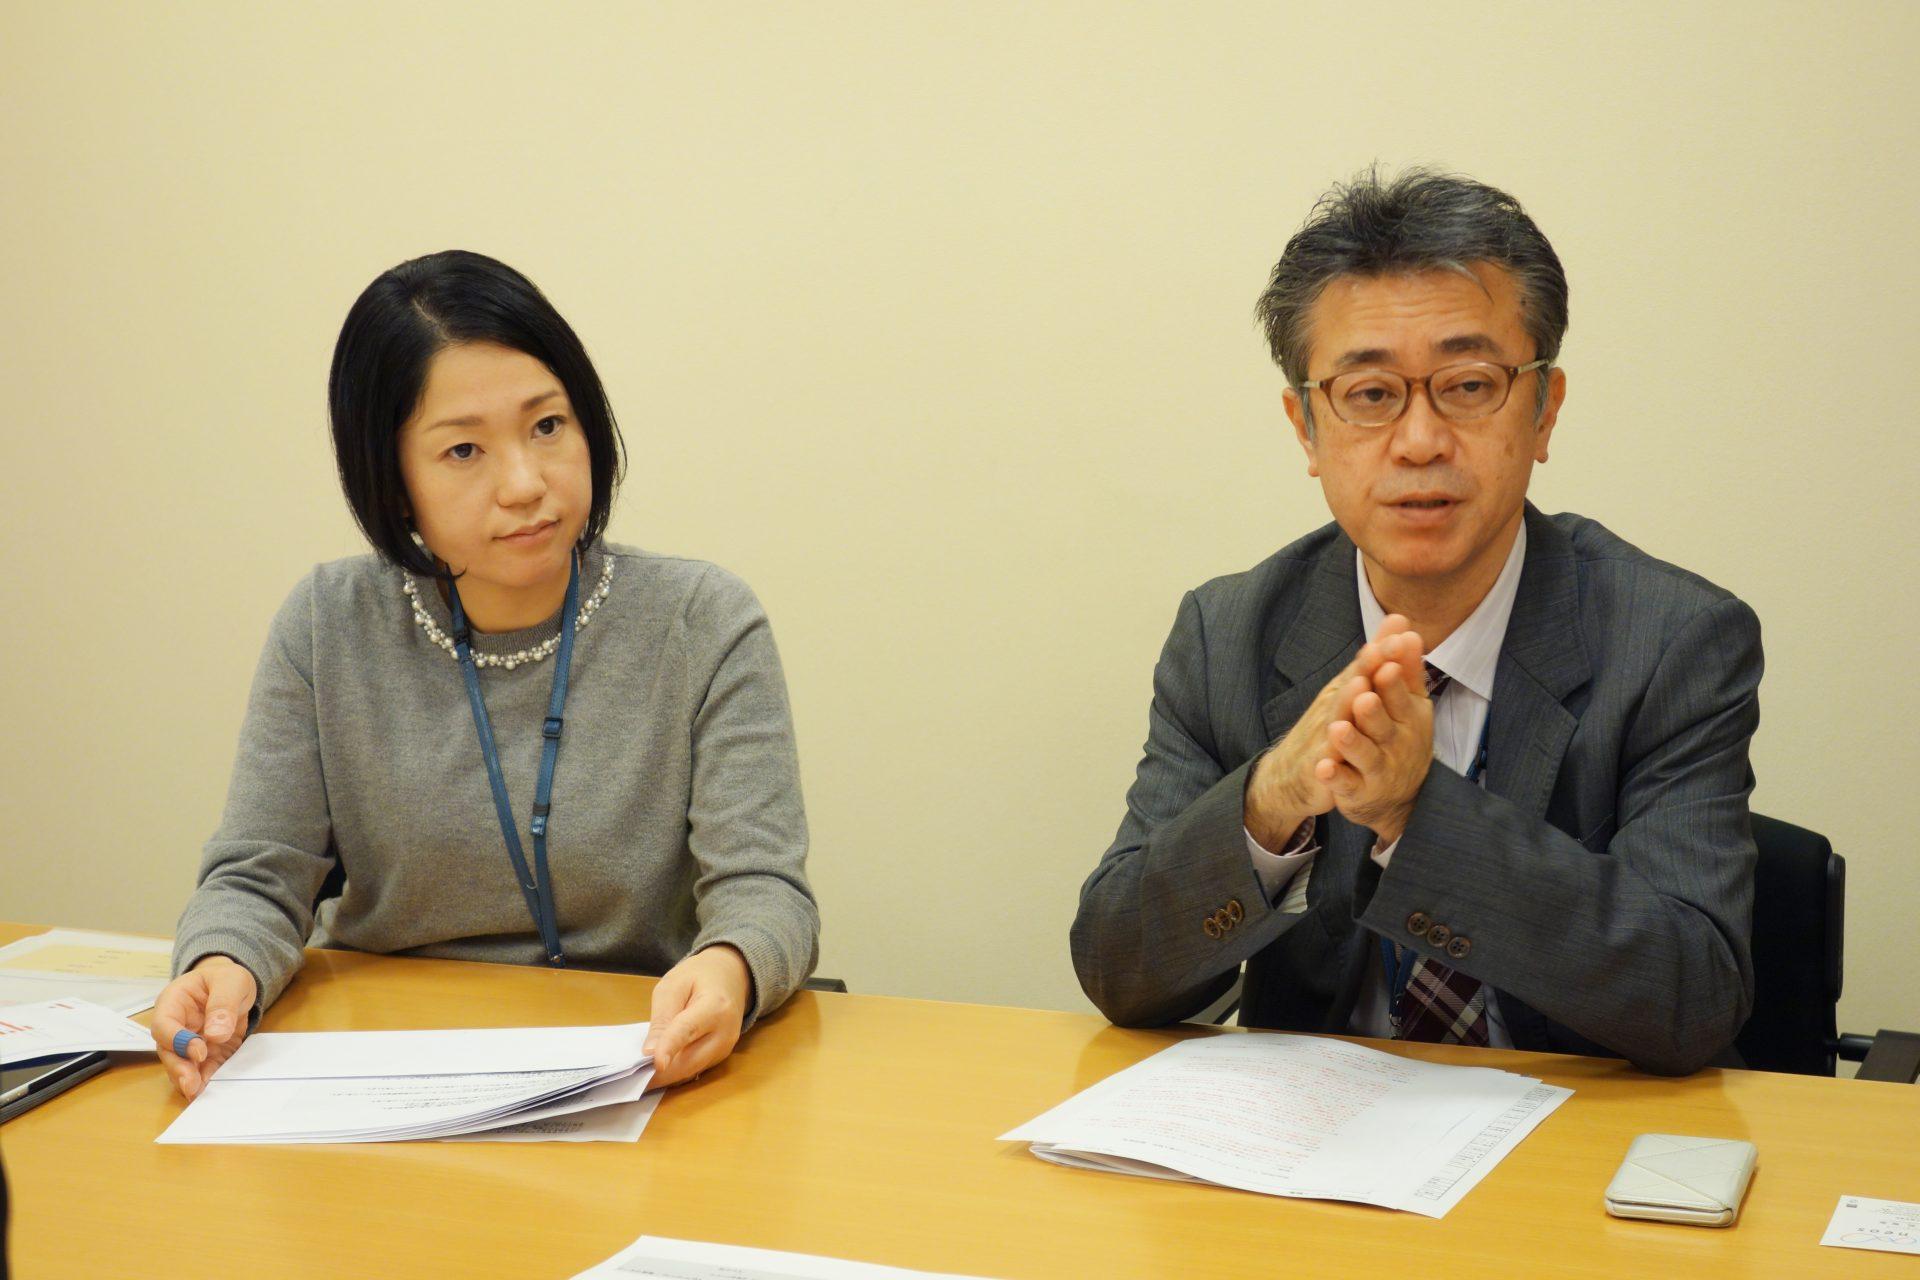 東京都情報サービス産業健康保険組合 様